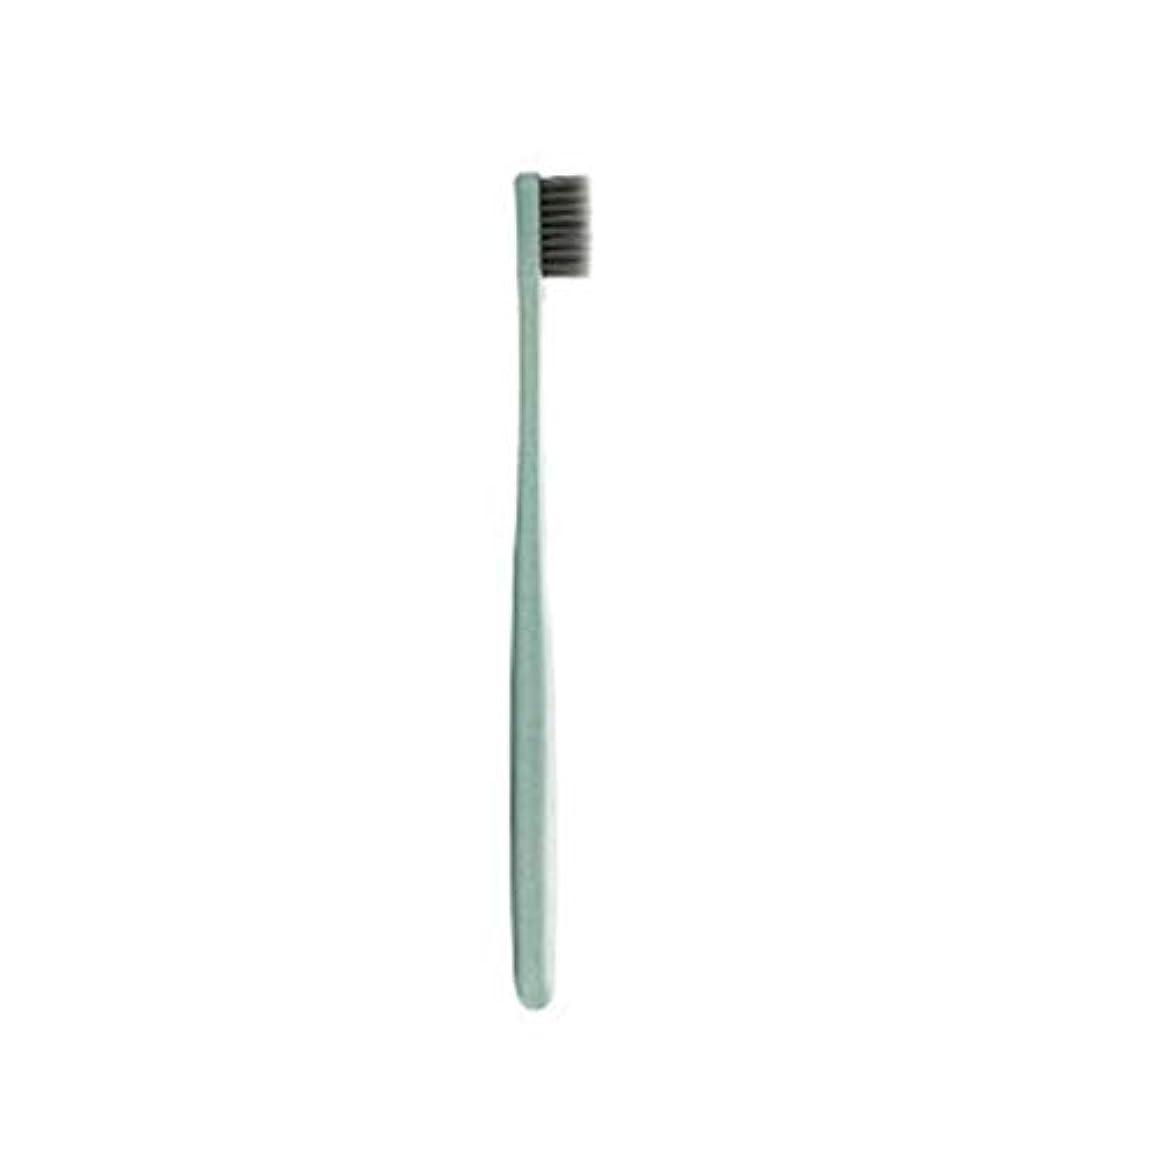 ヒューズそこ宗教的なK-666小麦わらの歯ブラシ歯のクリーニングブラシ竹炭毛ブラシ環境に優しいブラシ歯のケア - ピンク